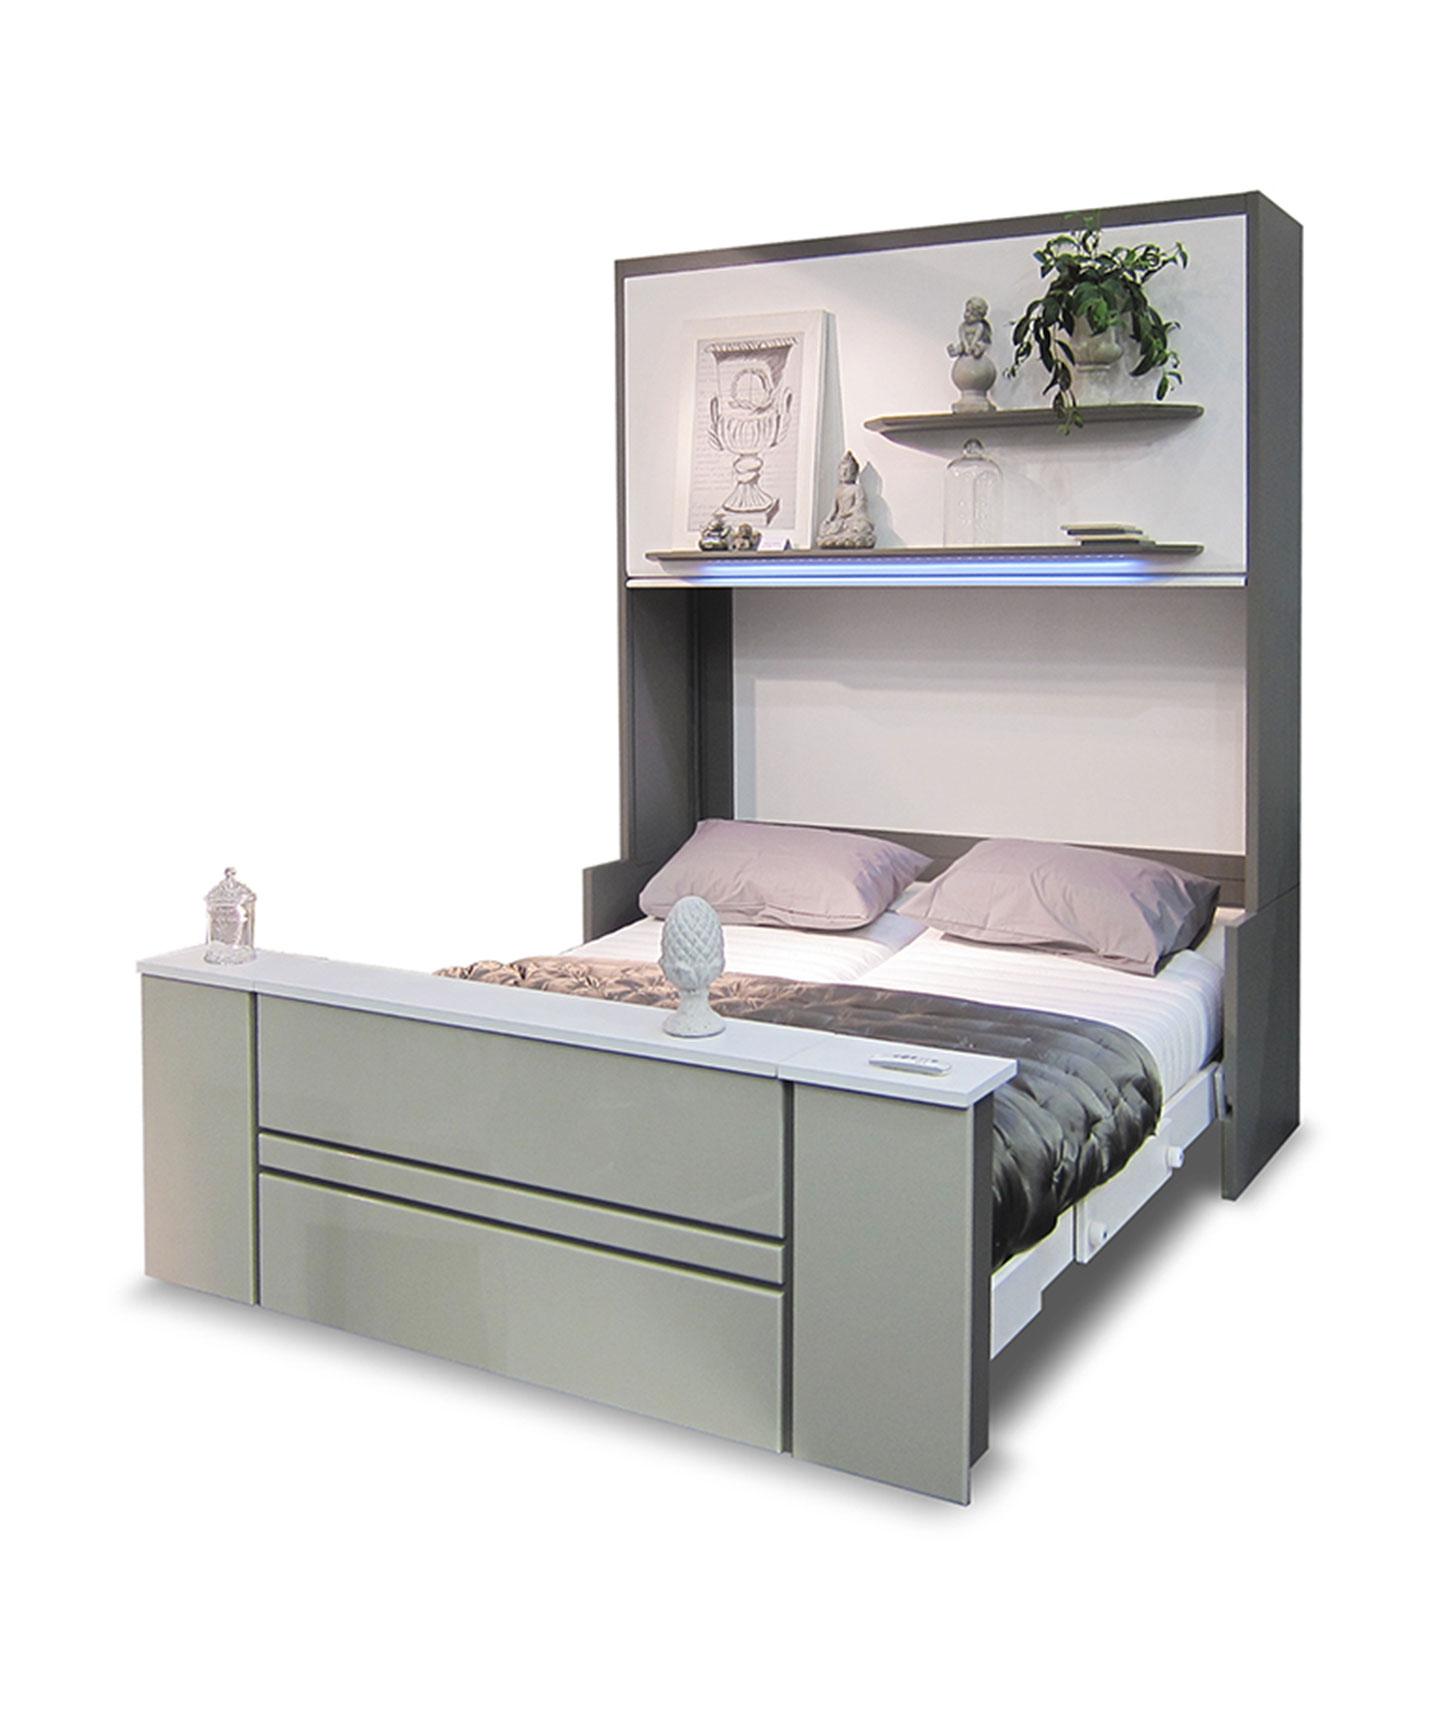 meuble tv motorise pied de lit meubles de design d 39 inspiration pour la t l vision. Black Bedroom Furniture Sets. Home Design Ideas